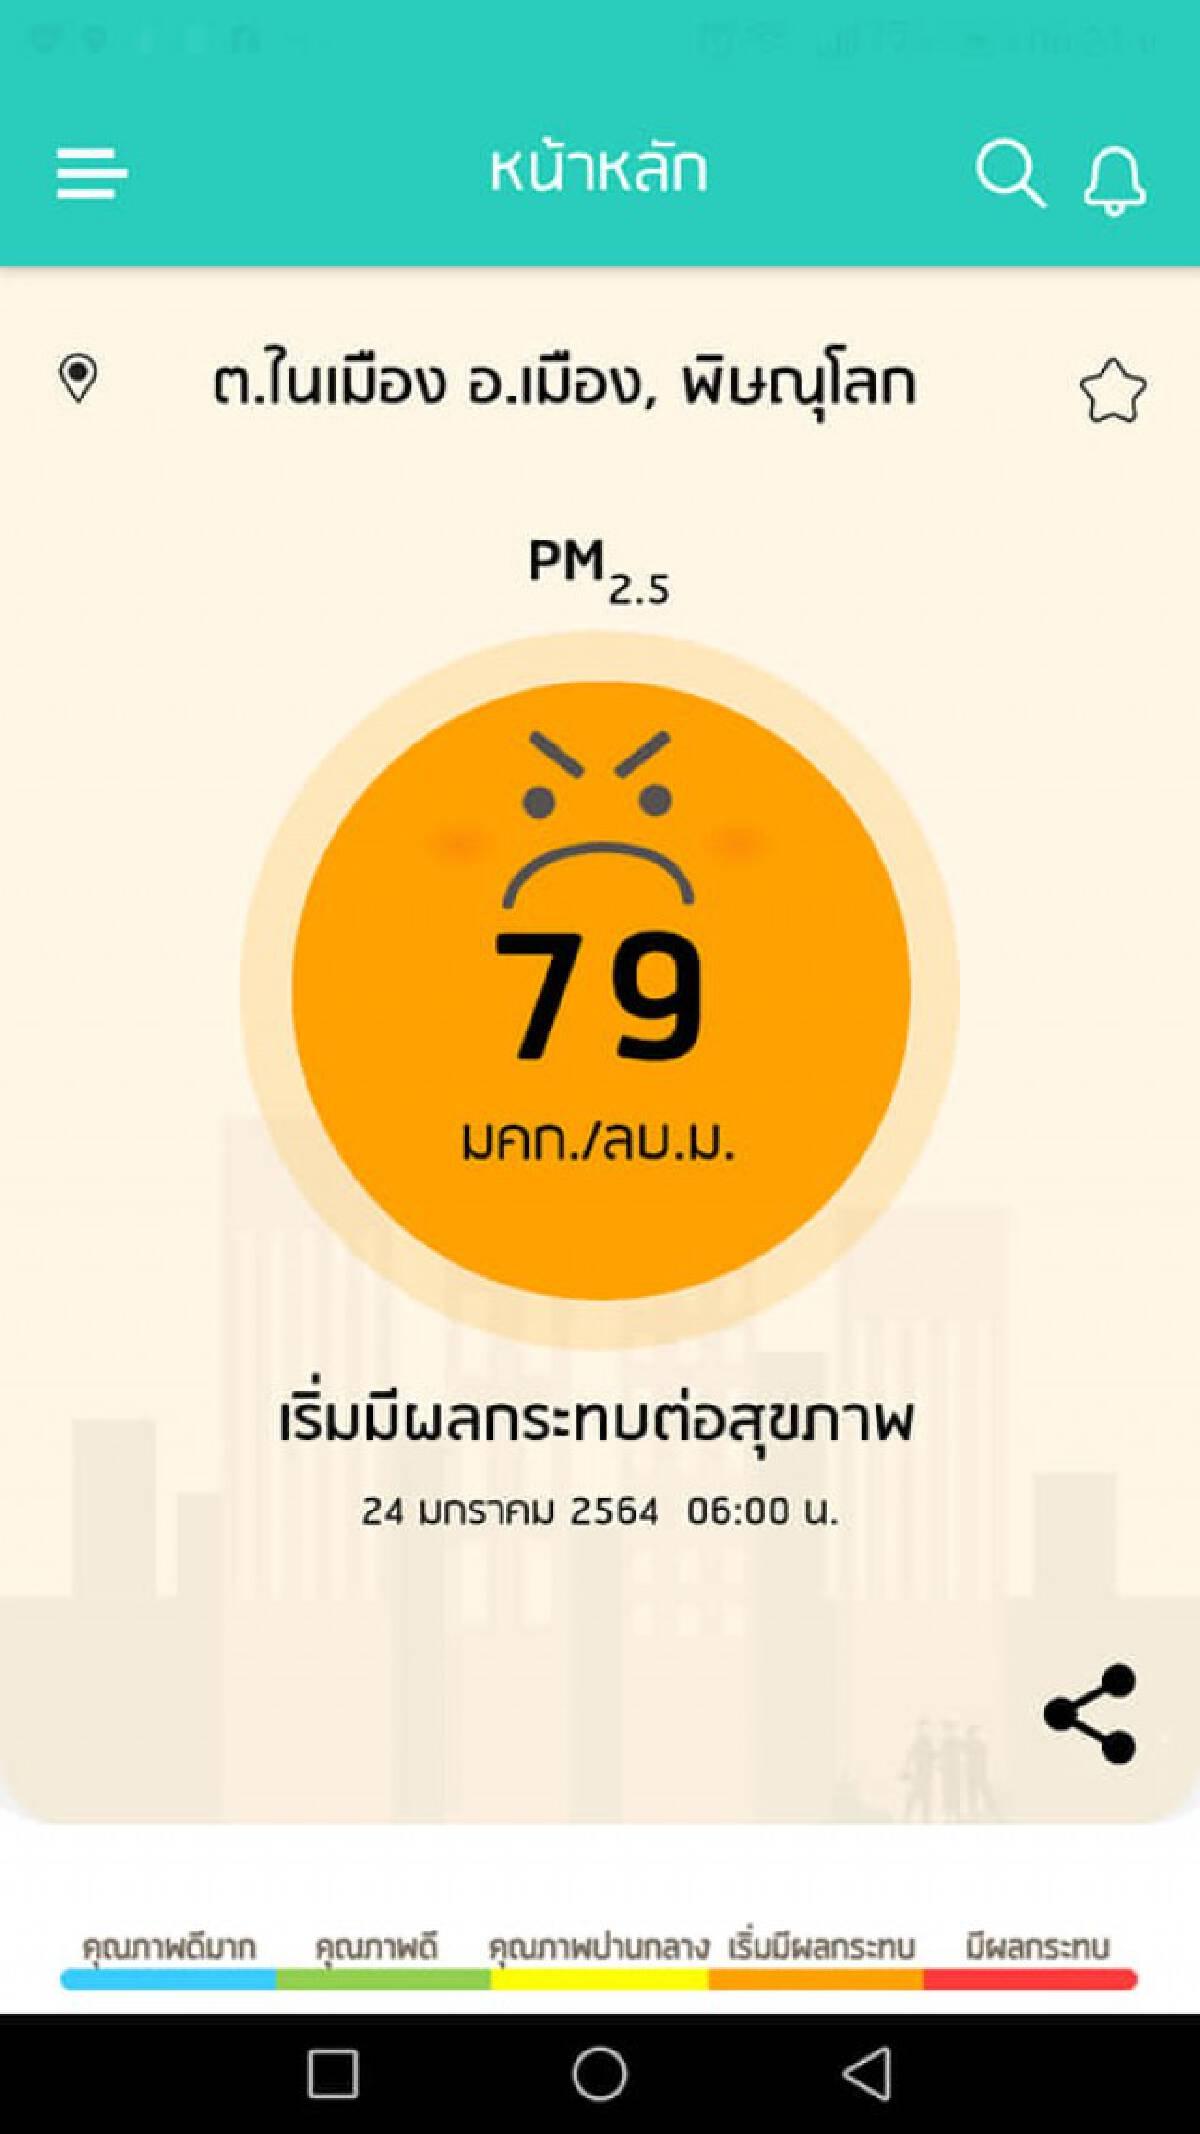 ผู้ว่าฯพิษณุโลกวอนหยุดเผา-ลด PM2.5